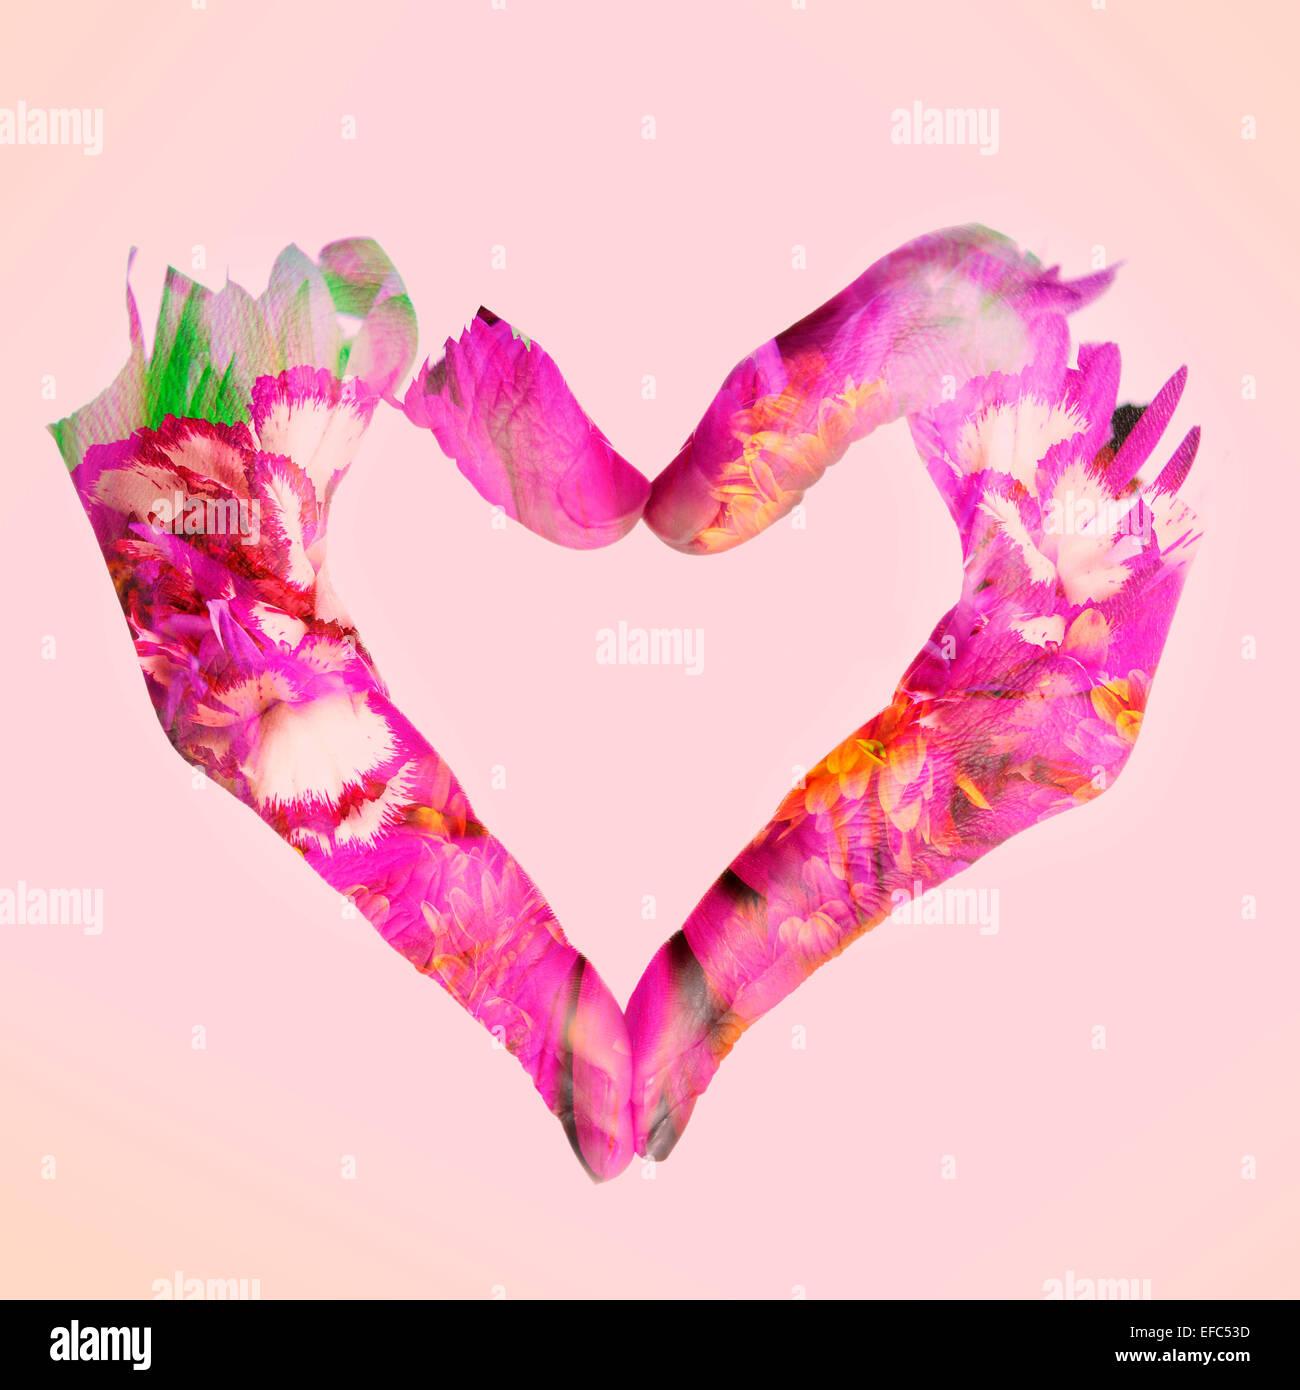 Doble exposición de la mujer de las manos formando un corazón y flores, sobre un fondo de color rosa Imagen De Stock